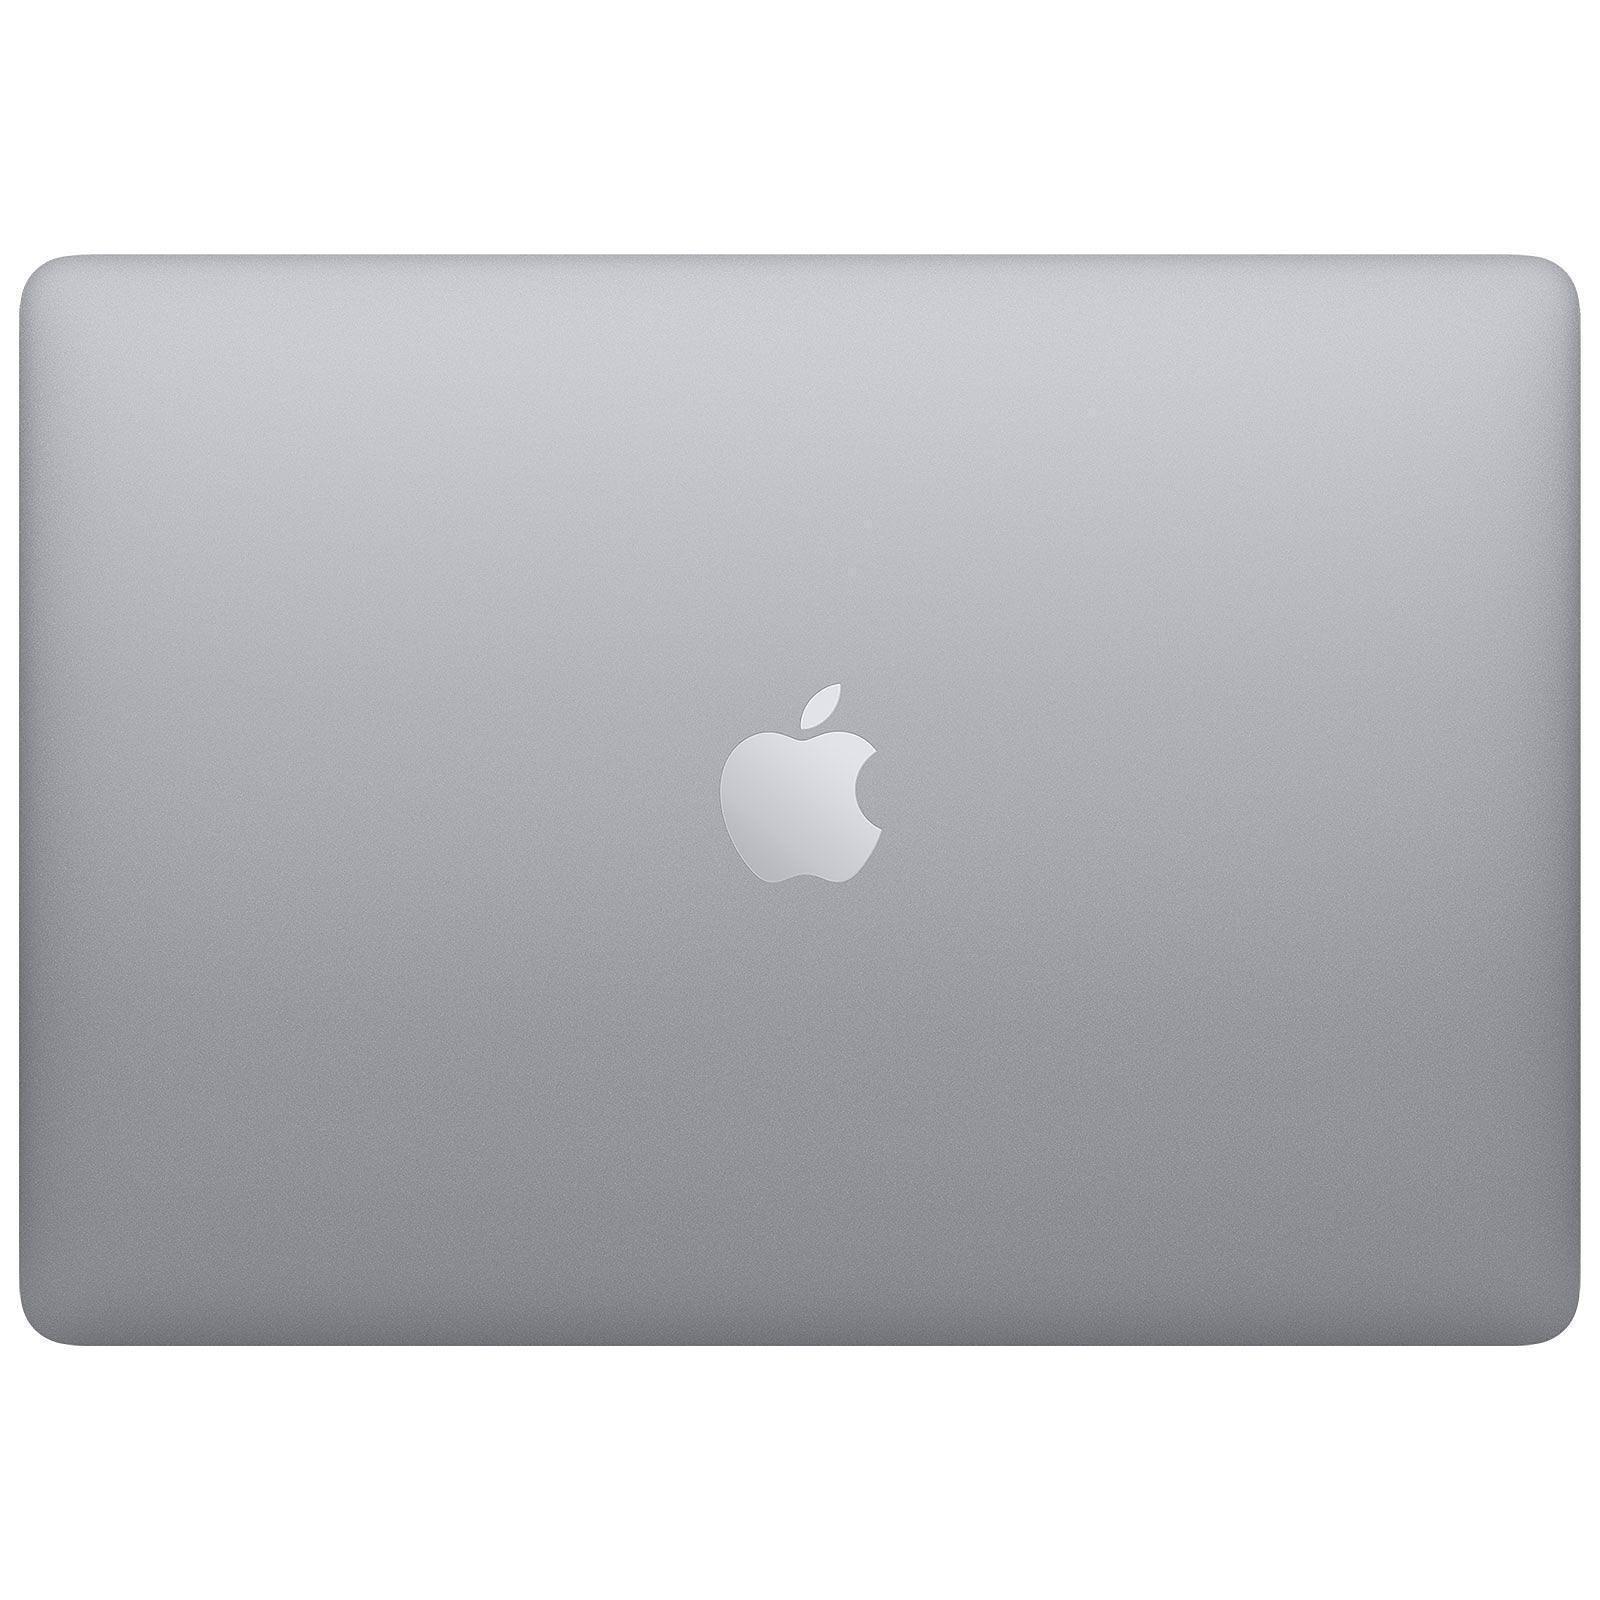 MacBook Air Retina 13.3-inch (2020) - Core i7 - 16GB - SSD 512 GB